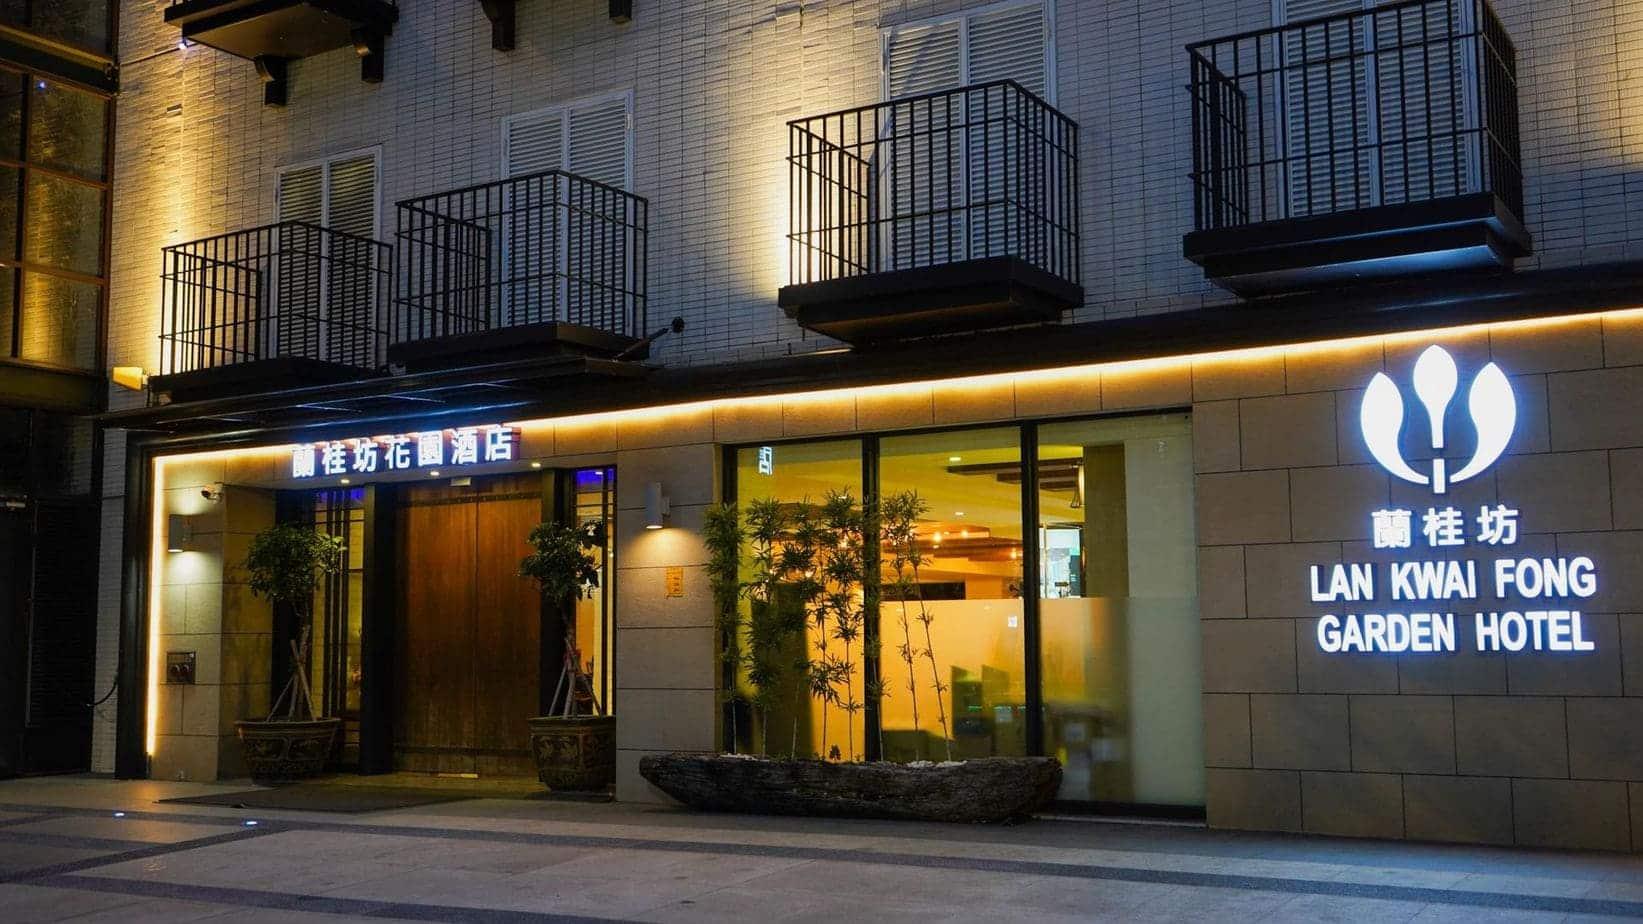 蘭桂坊花園酒店 夜晚的門口拍起來很不錯